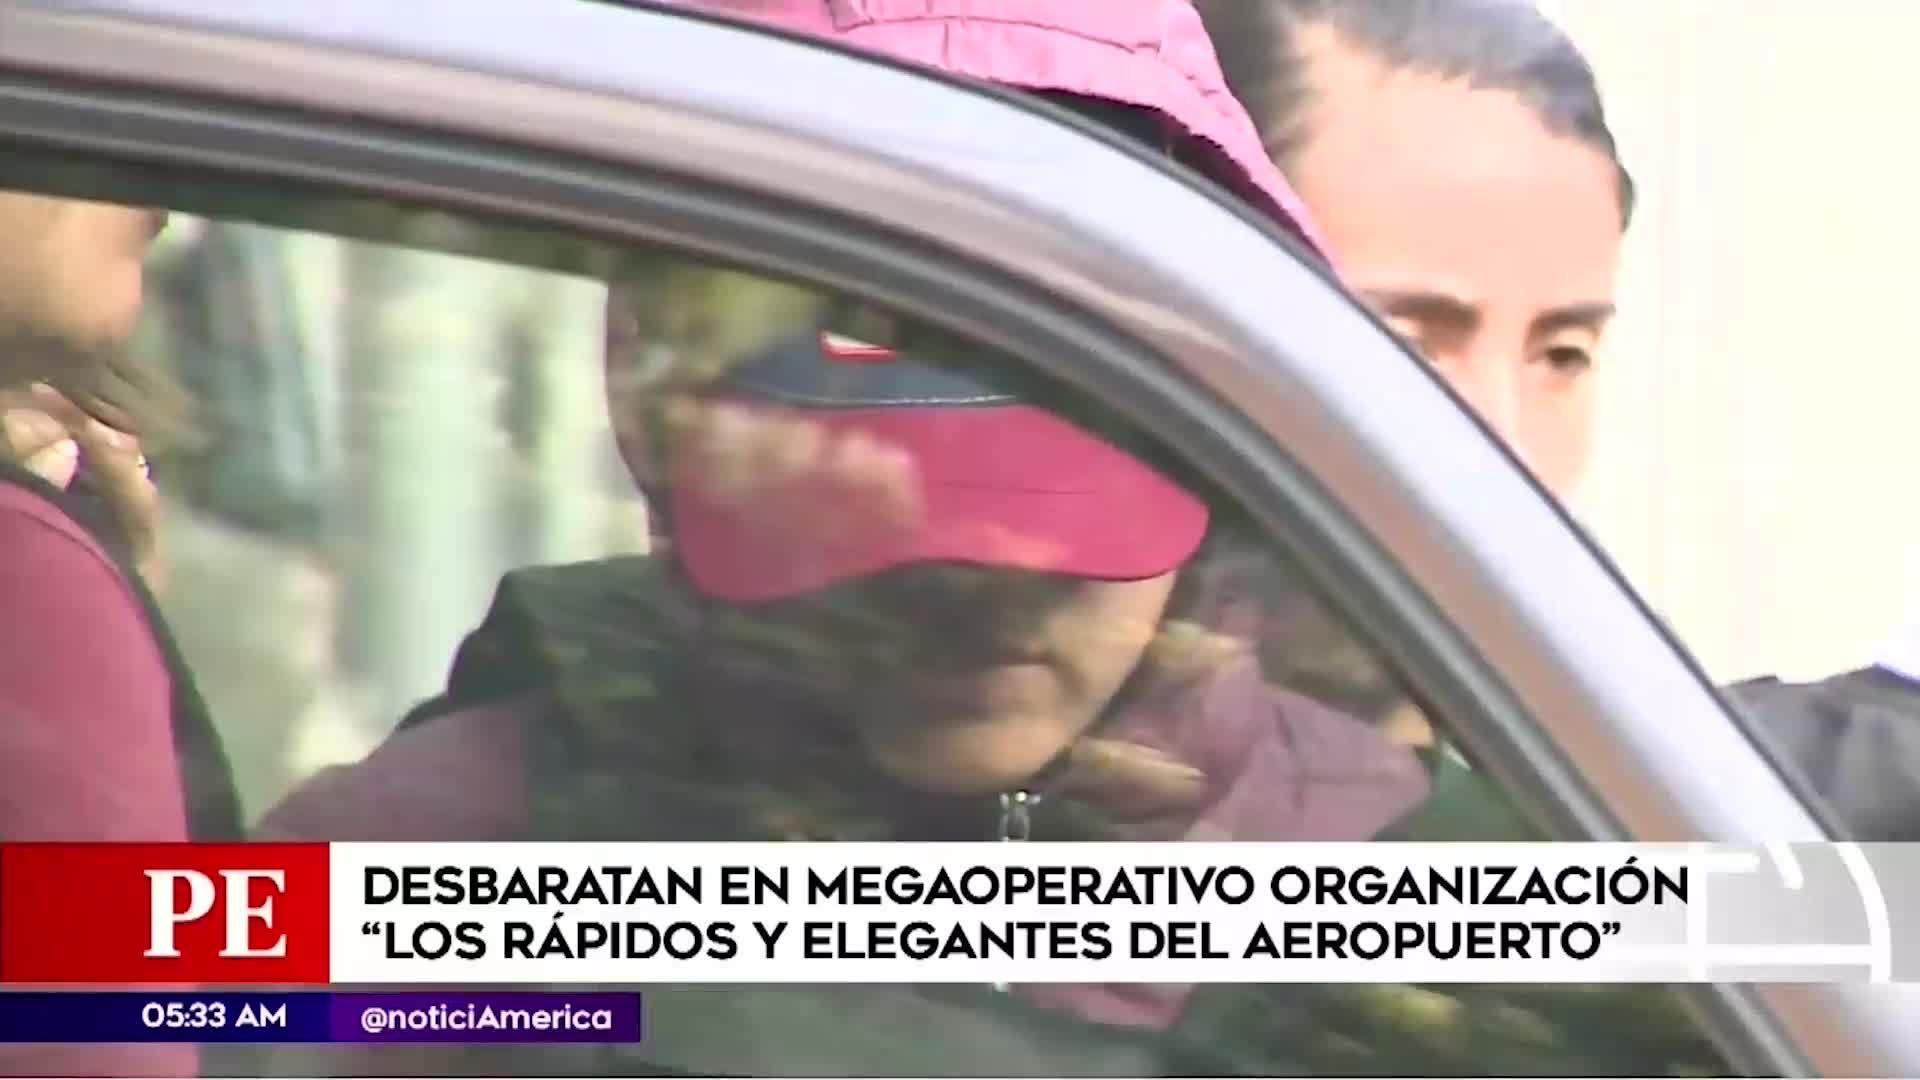 Policía desarticuló en un megaoperativo a la  banda 'Los Rápidos y Elegantes del Aeropuerto'